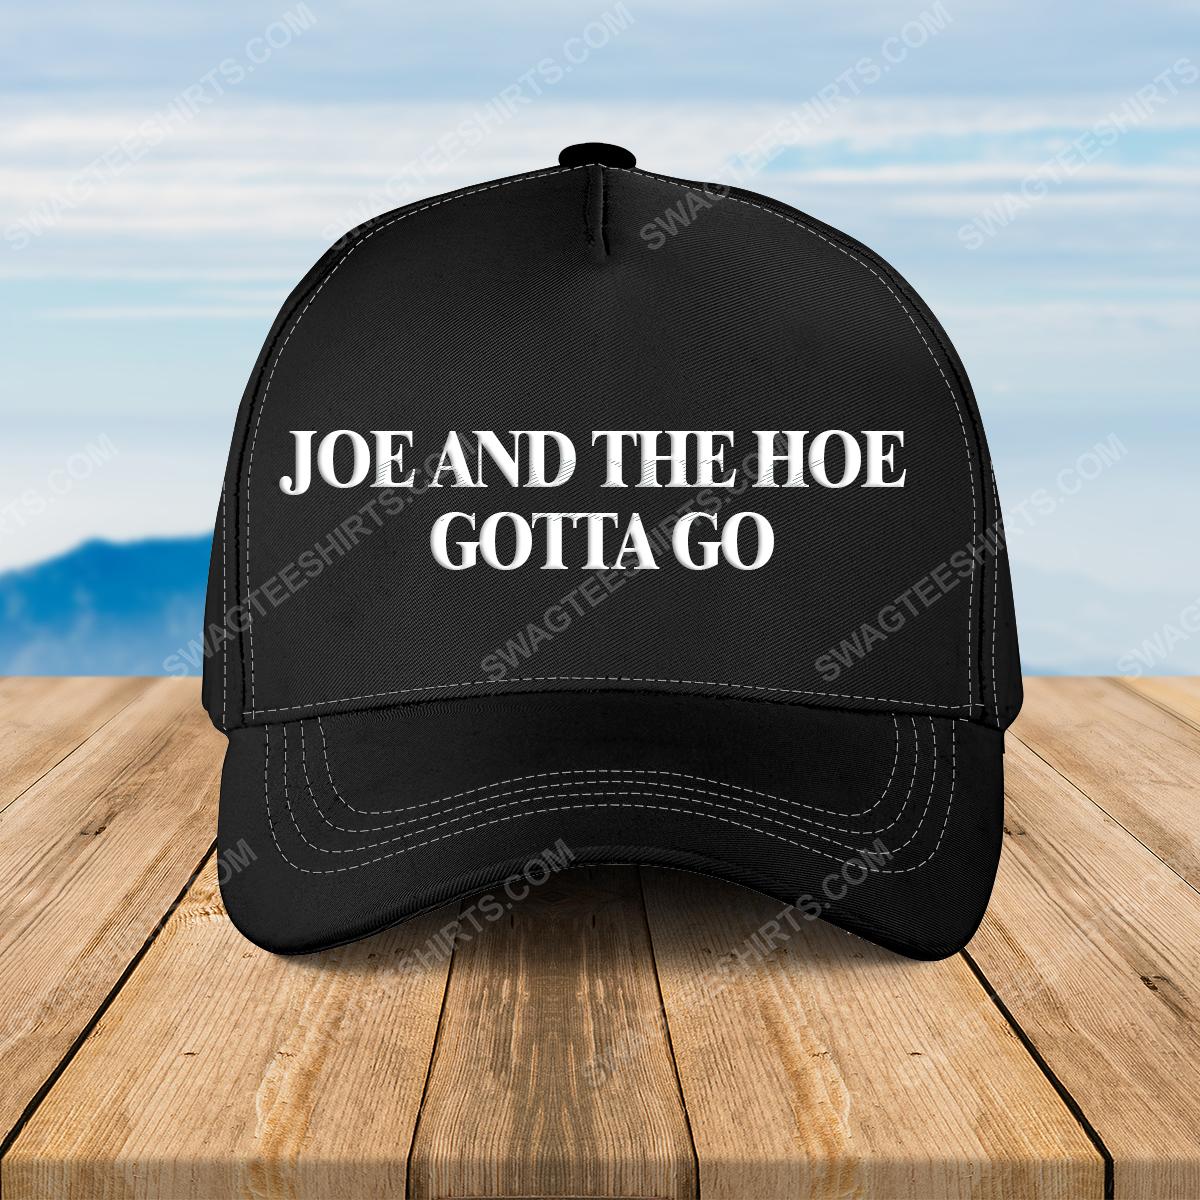 Joe and the hoe gotta go full print classic hat 1 - Copy (2)